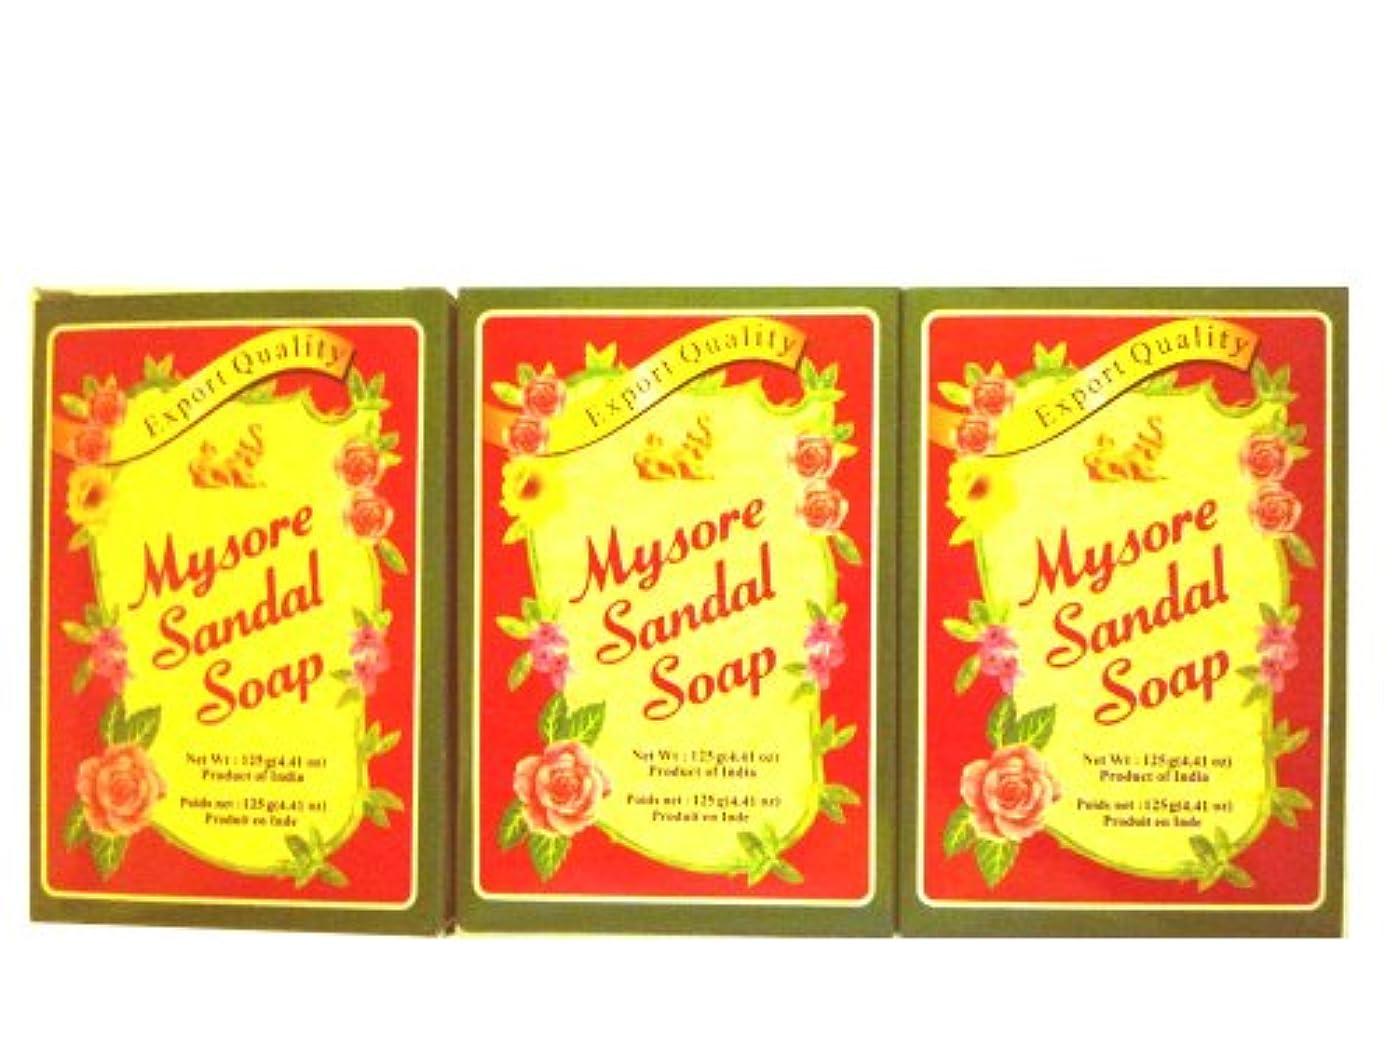 高純度白檀油配合 マイソール サンダルソープ 125g 3個セット